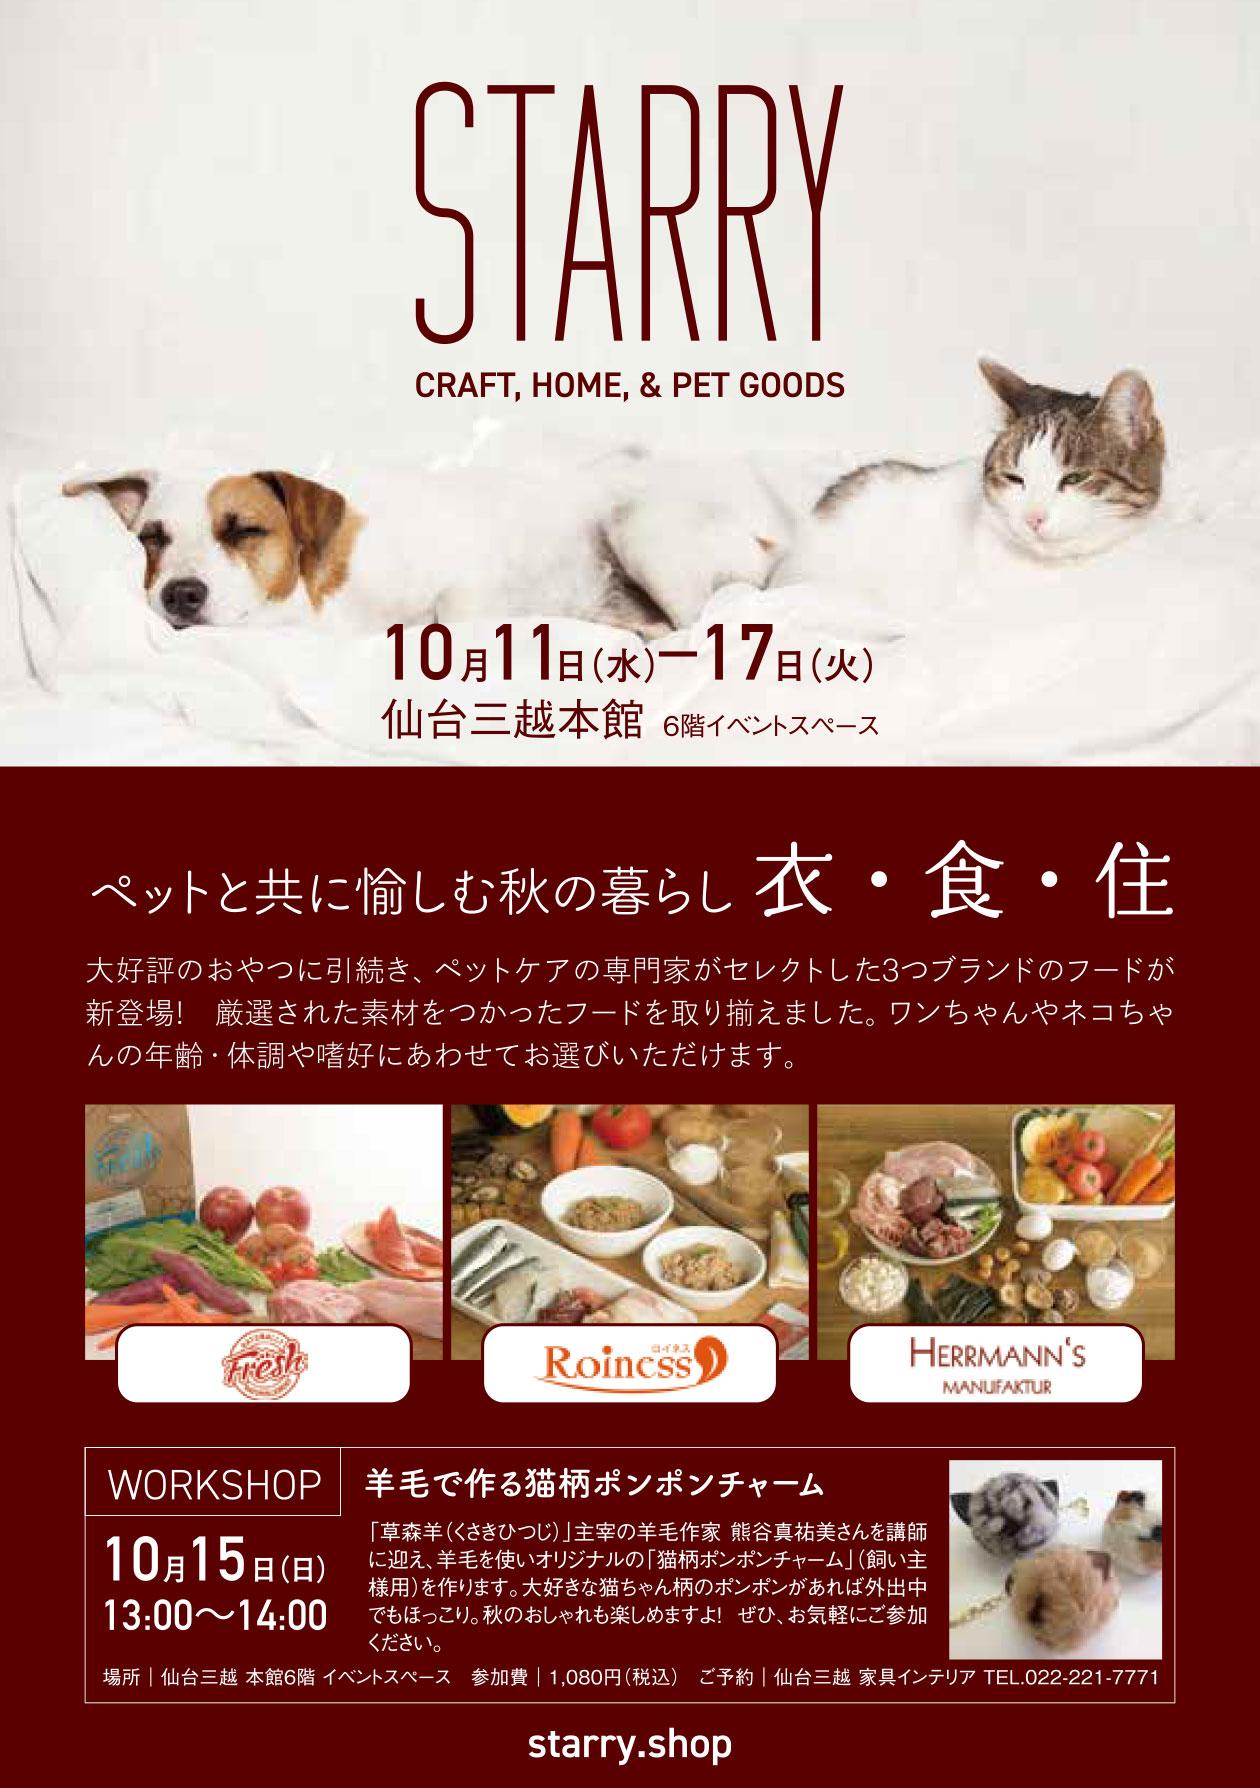 ペットと共に愉しむ秋の暮らし 〜衣・食・住〜